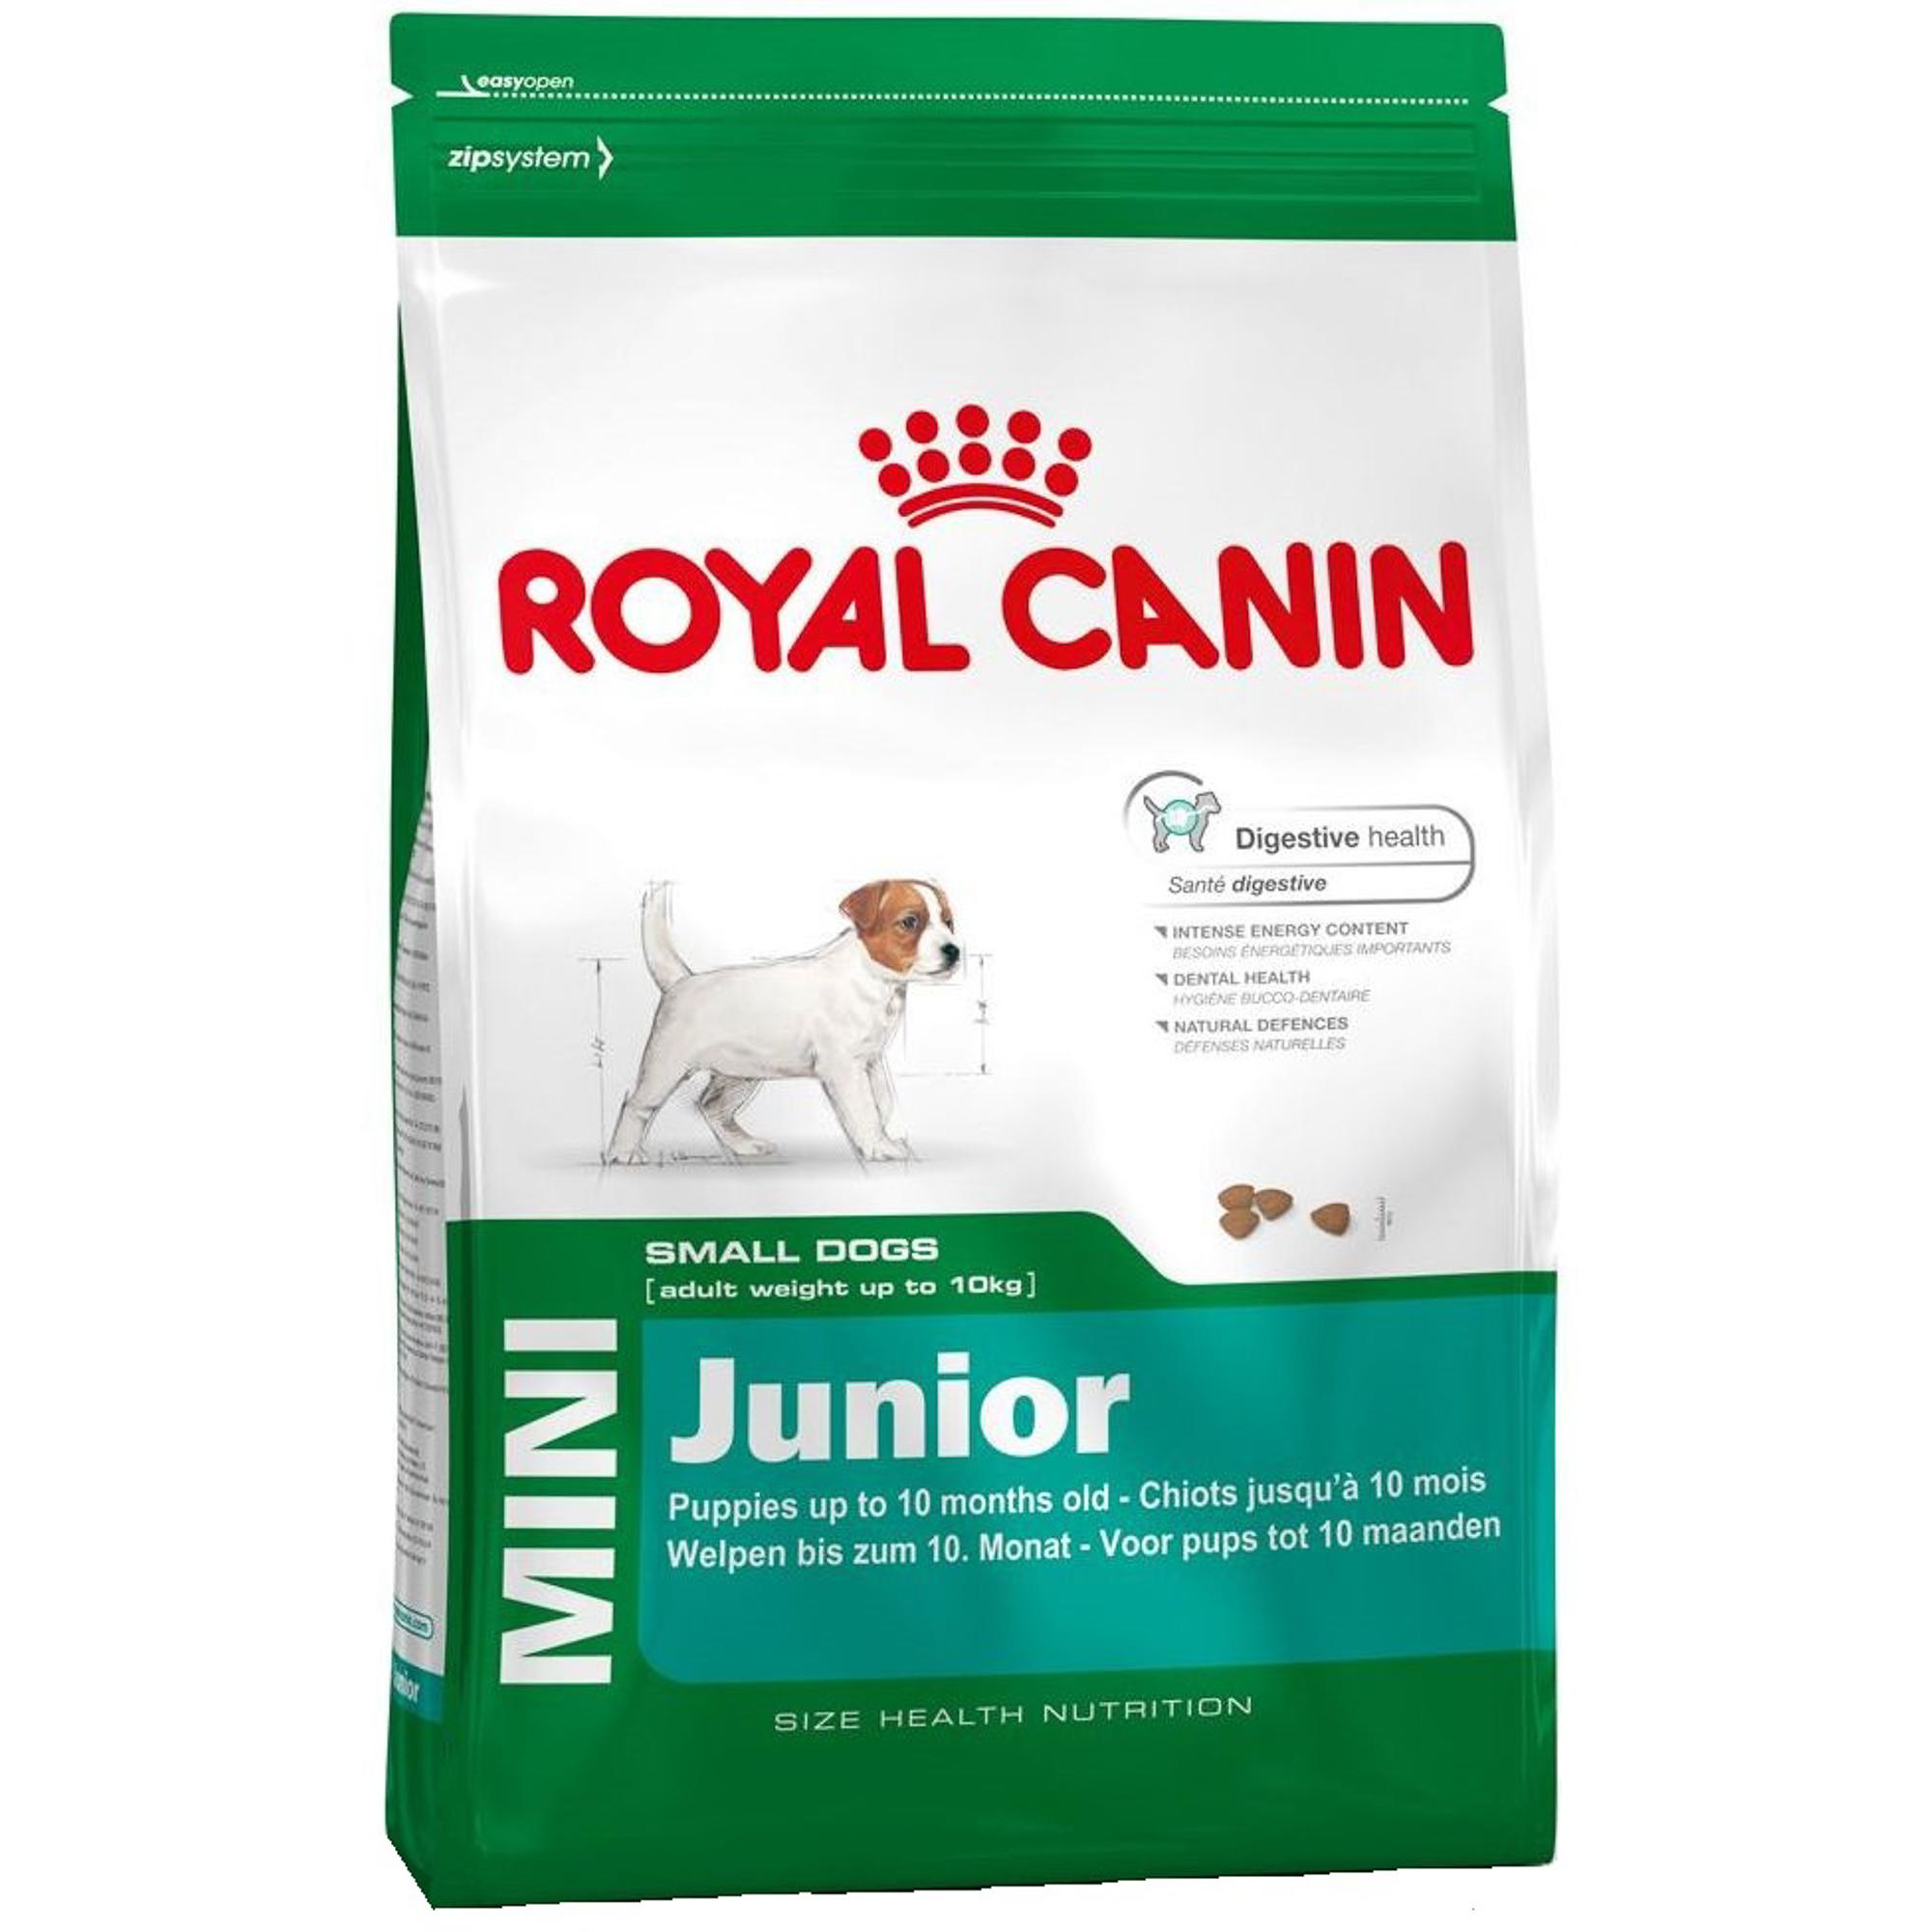 Корм для щенков Royal Canin JUNIOR для мелких пород с 2 до 10 месяцев 2 кг.